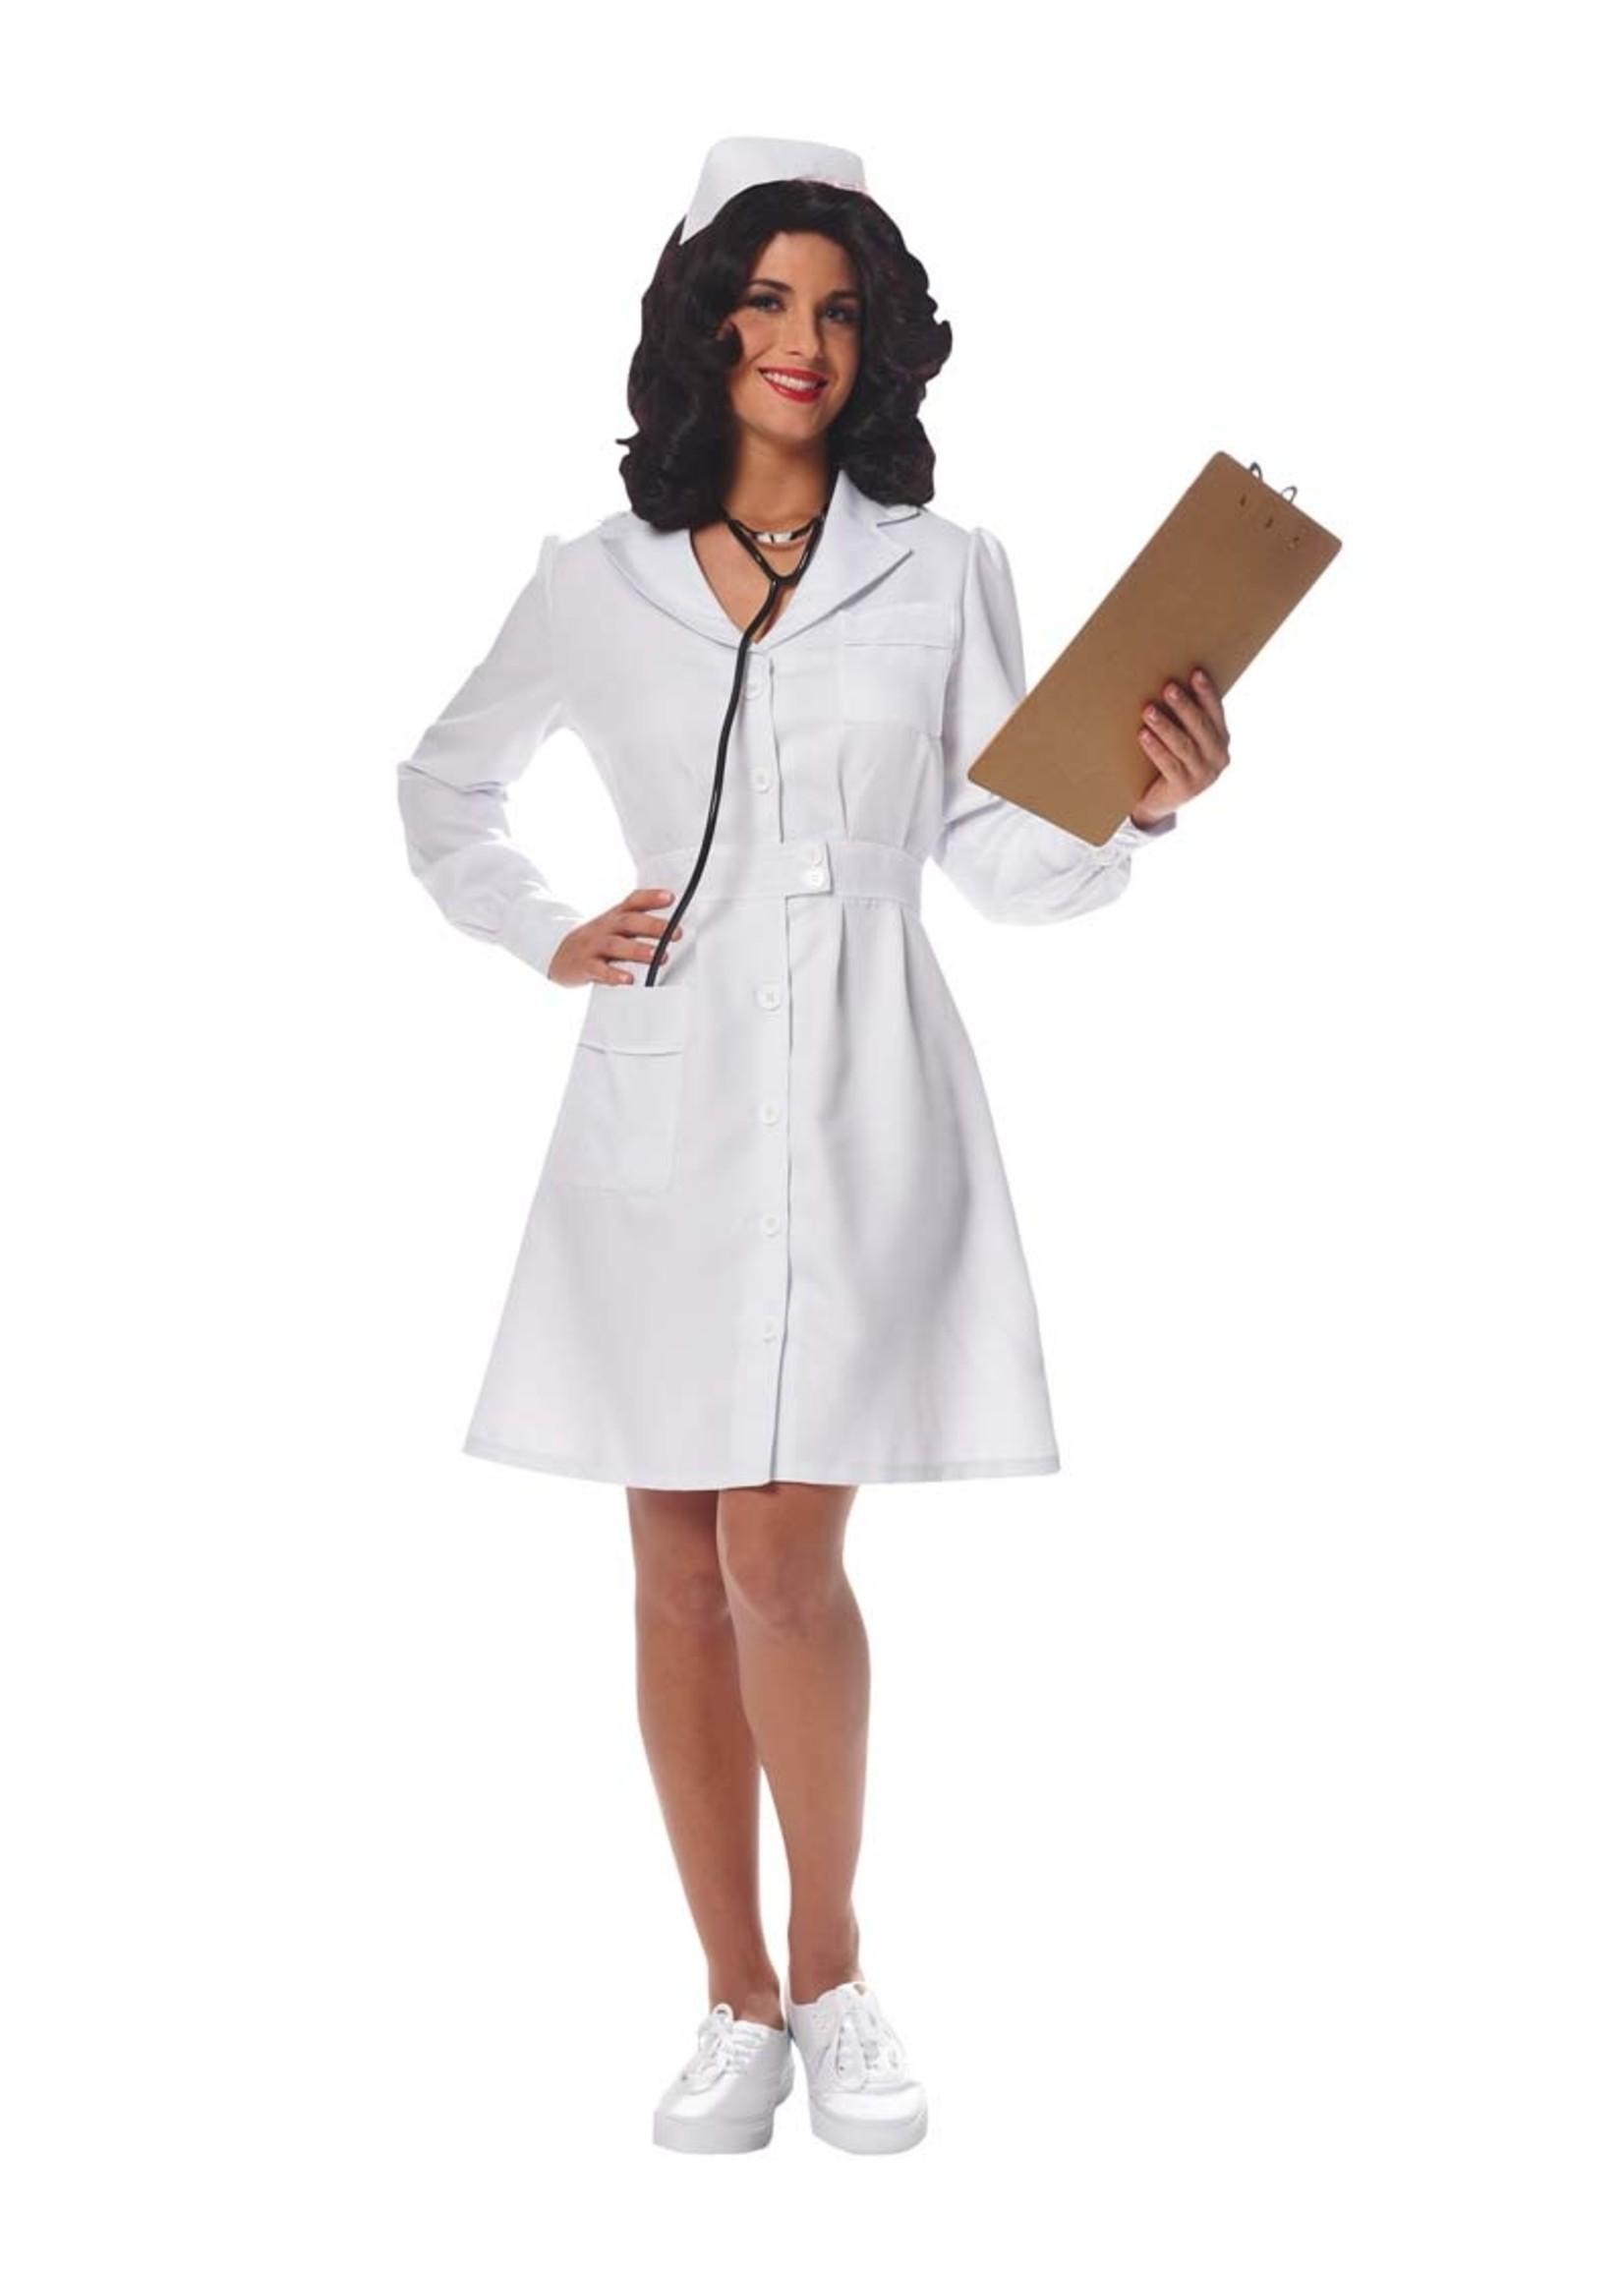 Vintage Nurse - Women's